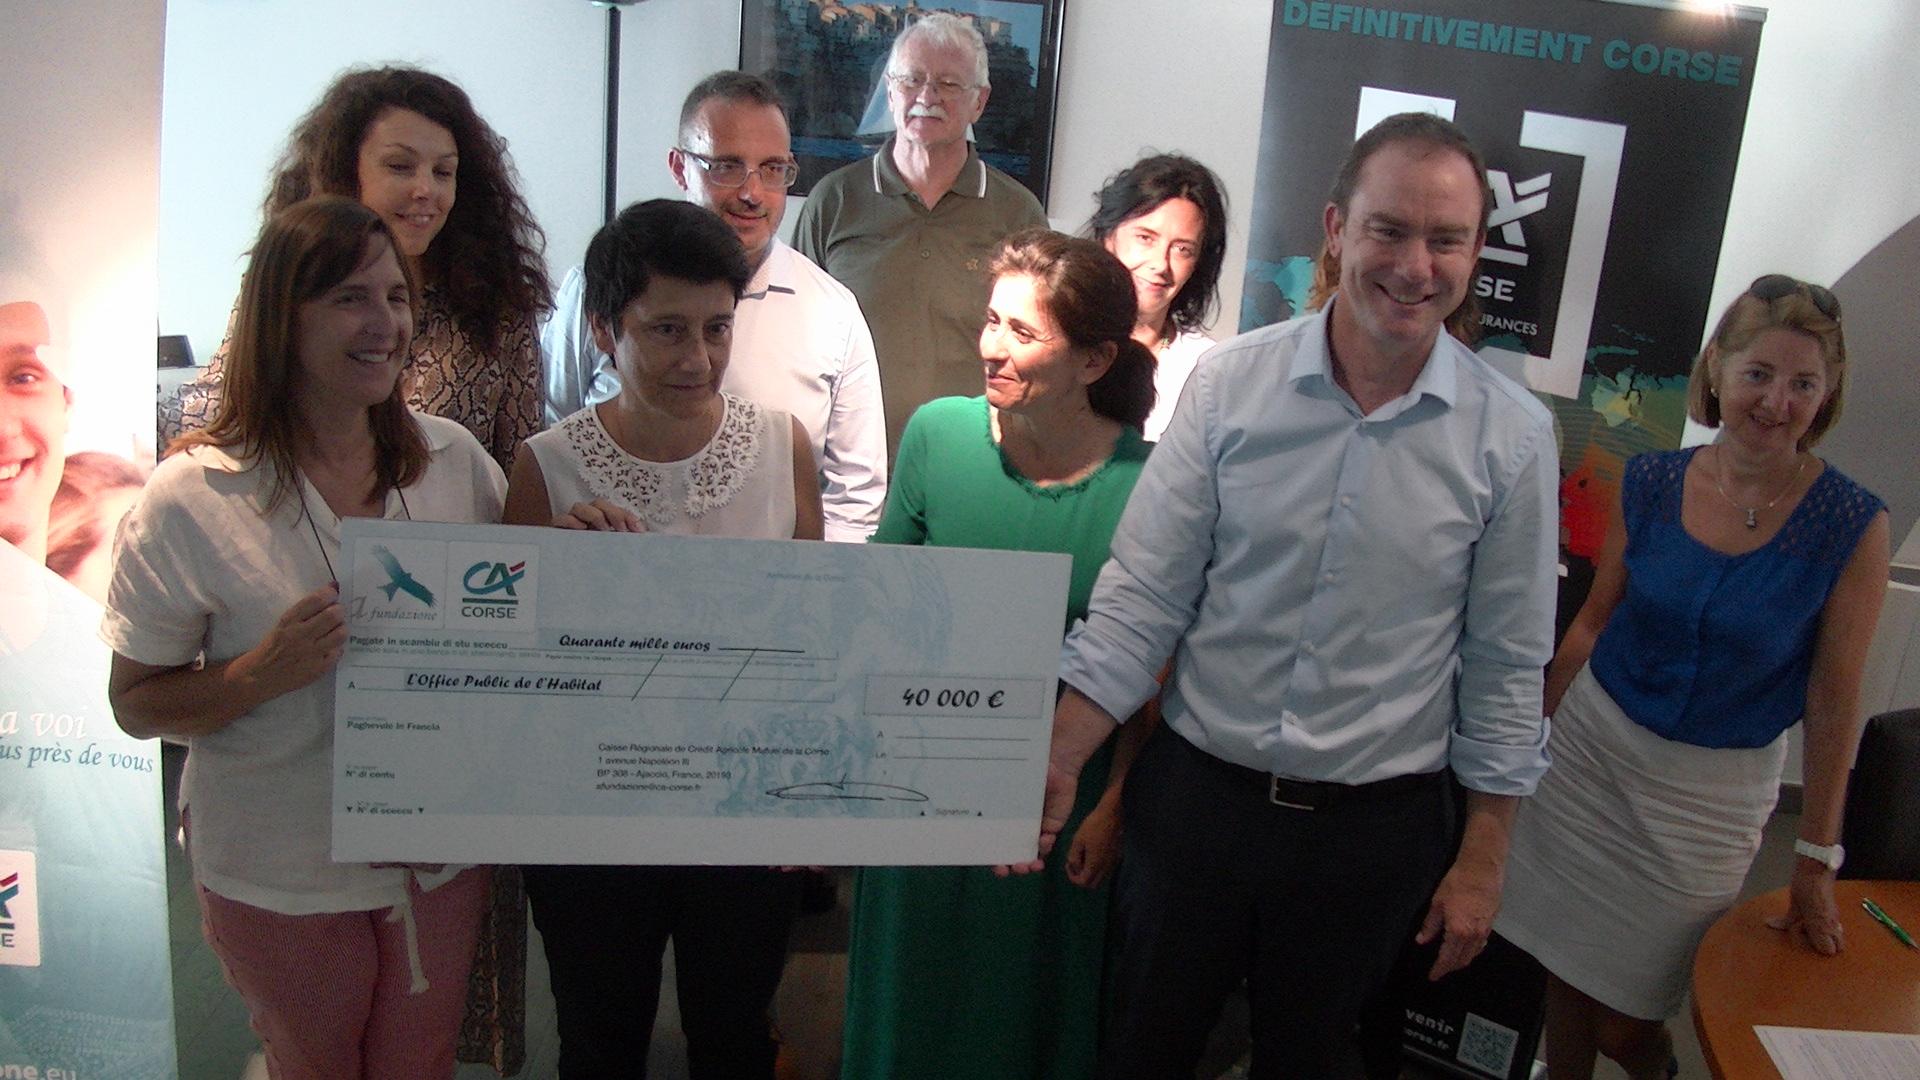 Une convention de mécénat pour la réhabilitation de logements sociaux a été signée entre la Fondation du Crédit Agricole et l'OPH